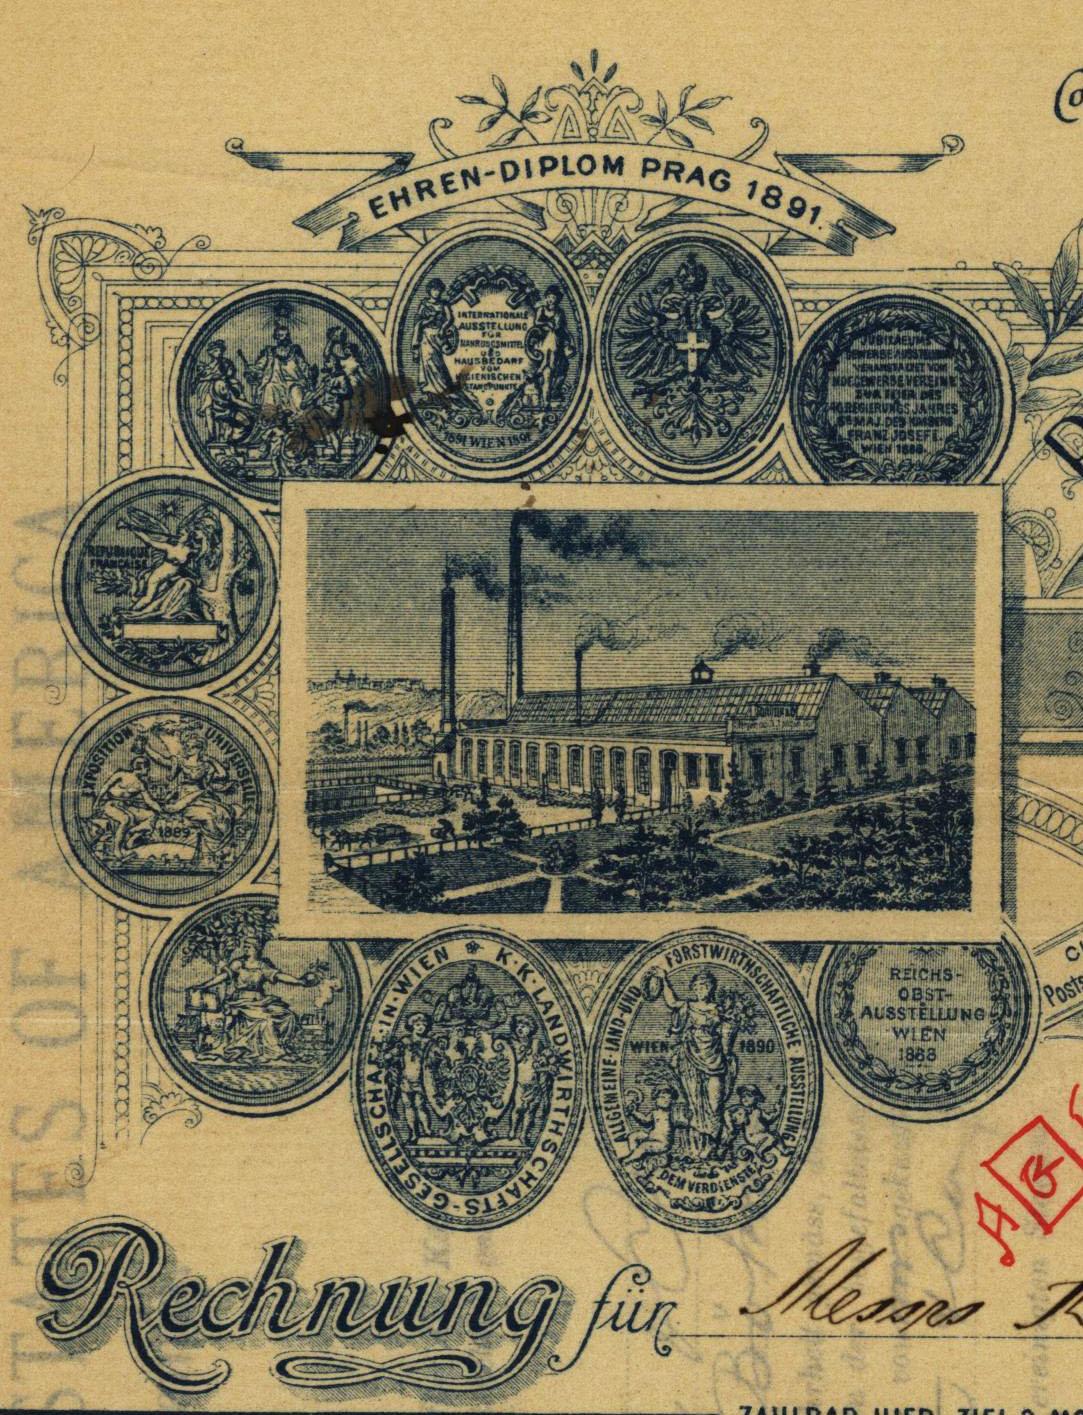 Invoice for parchment paper, detail one, Prager Pergament-Papier-Fabrik, 1895